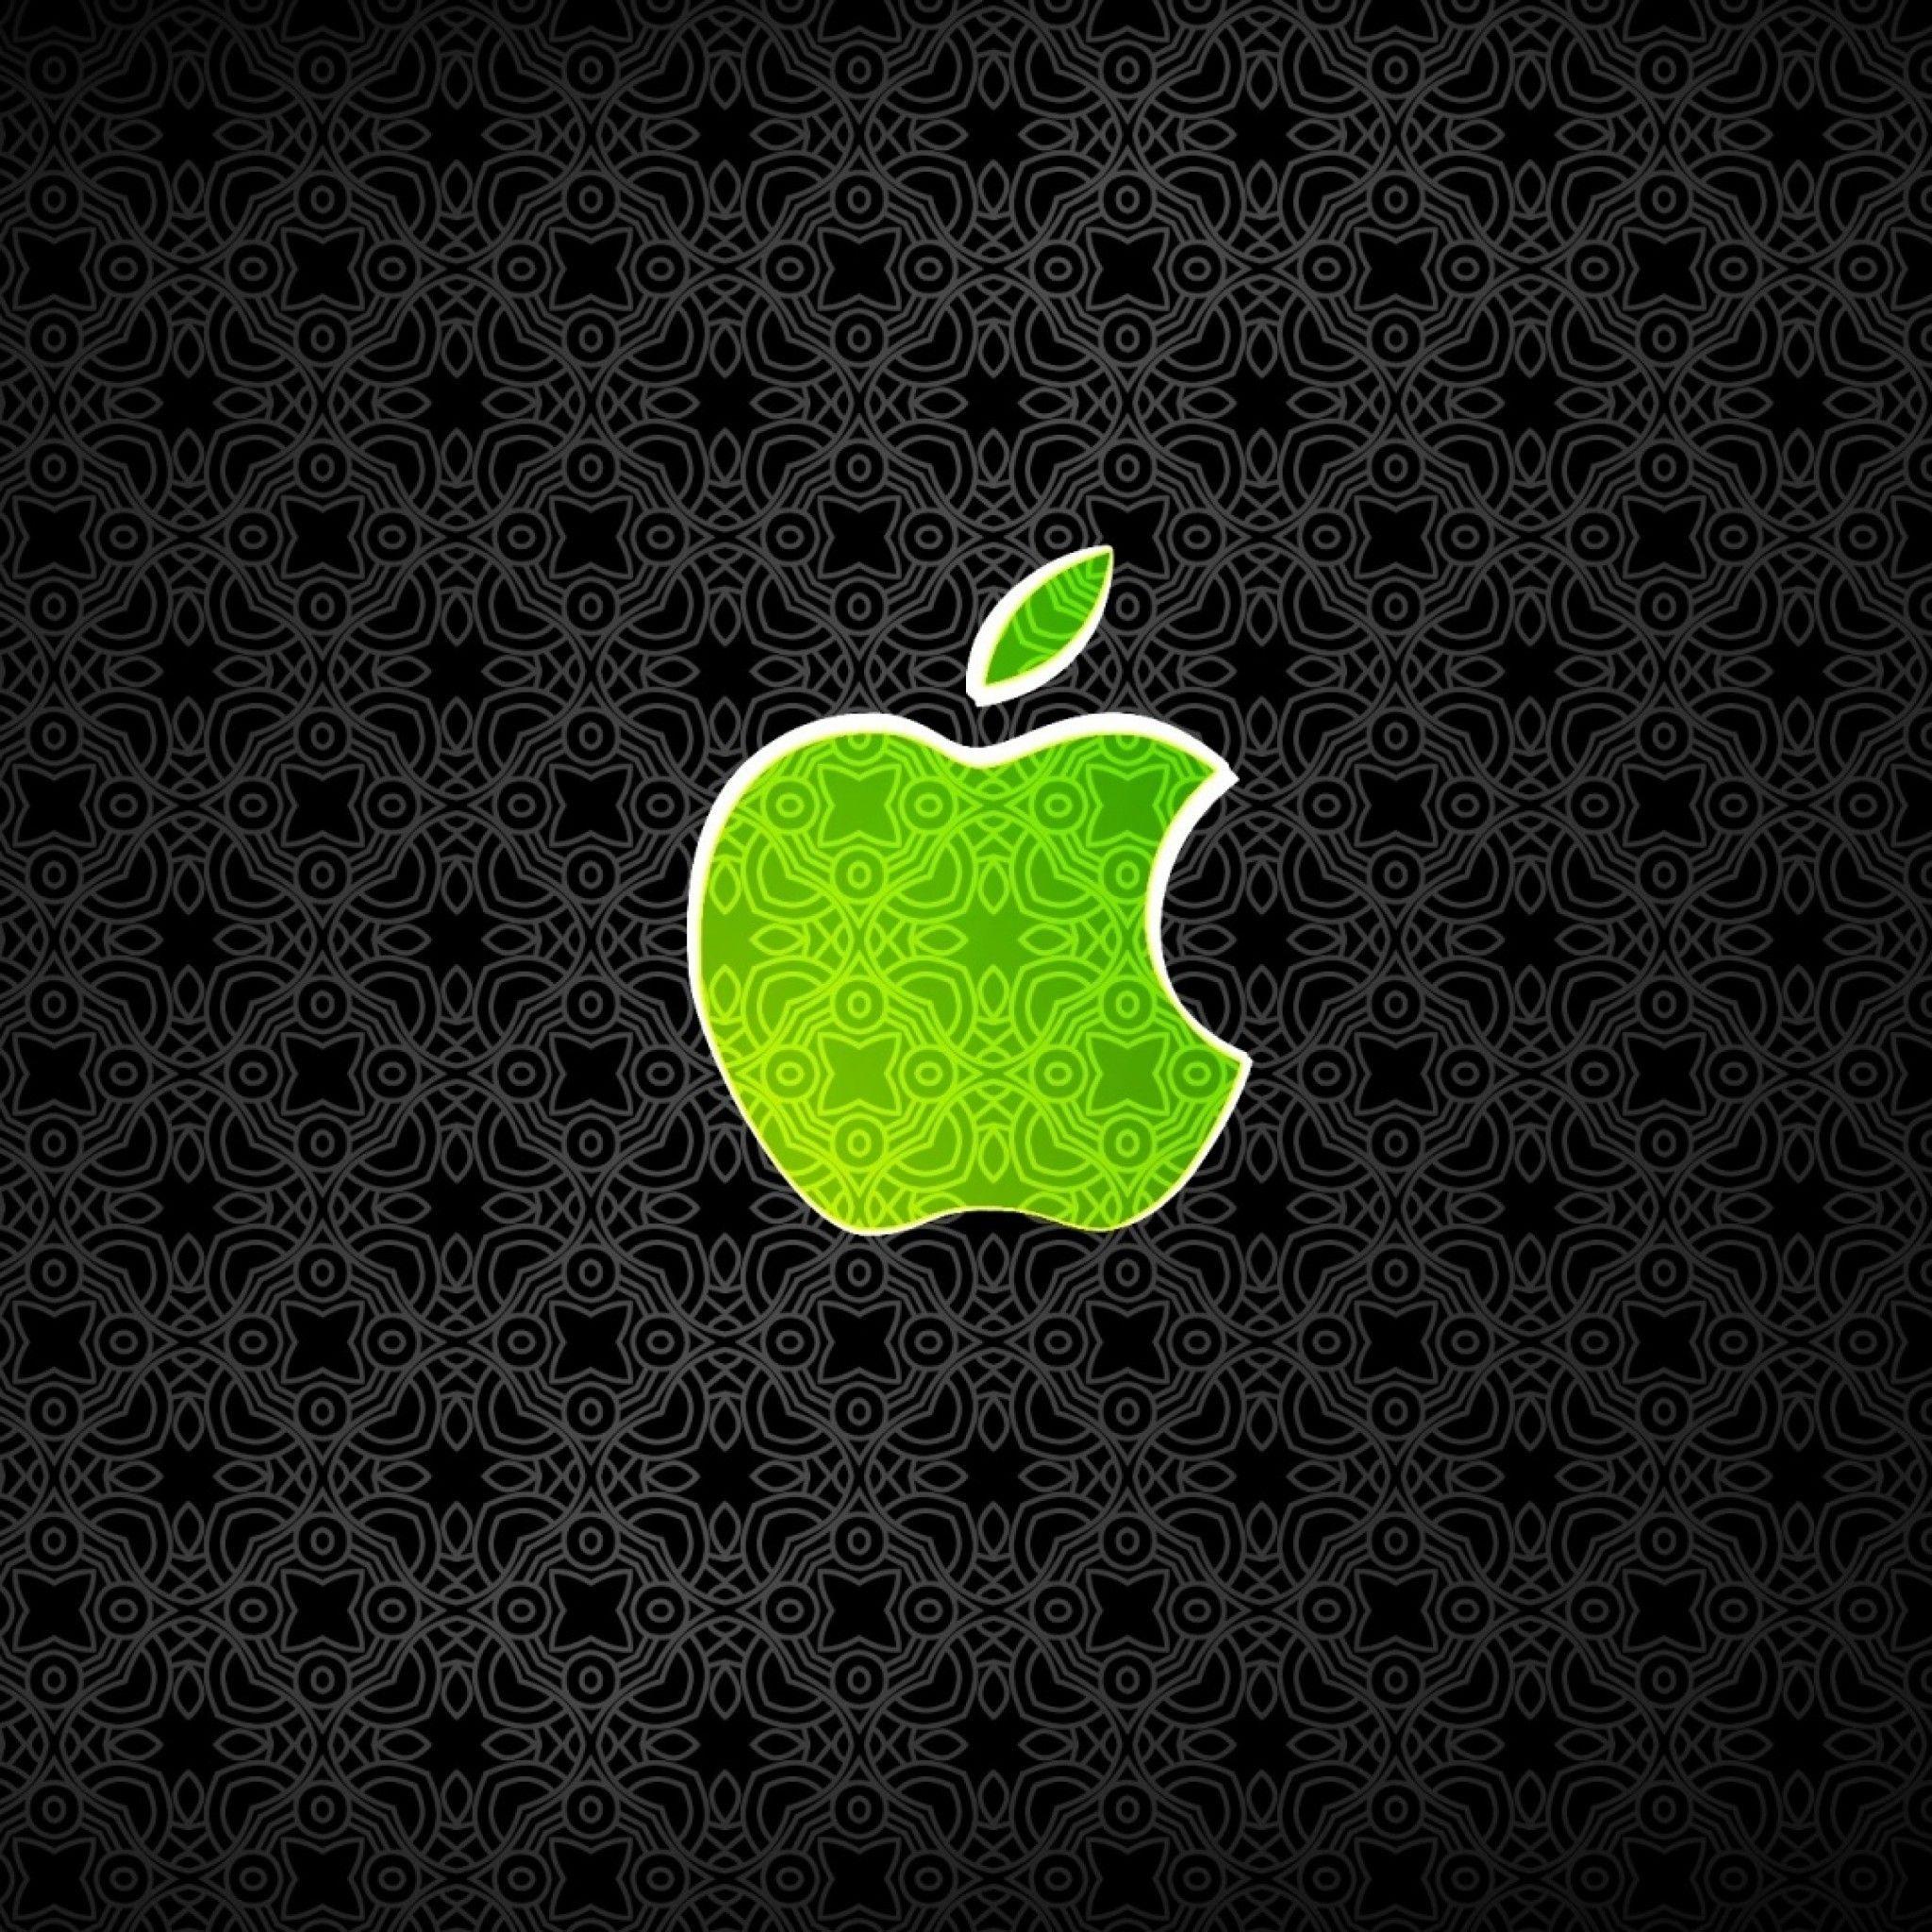 人気215位 緑 アップル ロゴ 無料の壁紙 アップルの壁紙 壁紙 Ipad アップルロゴ